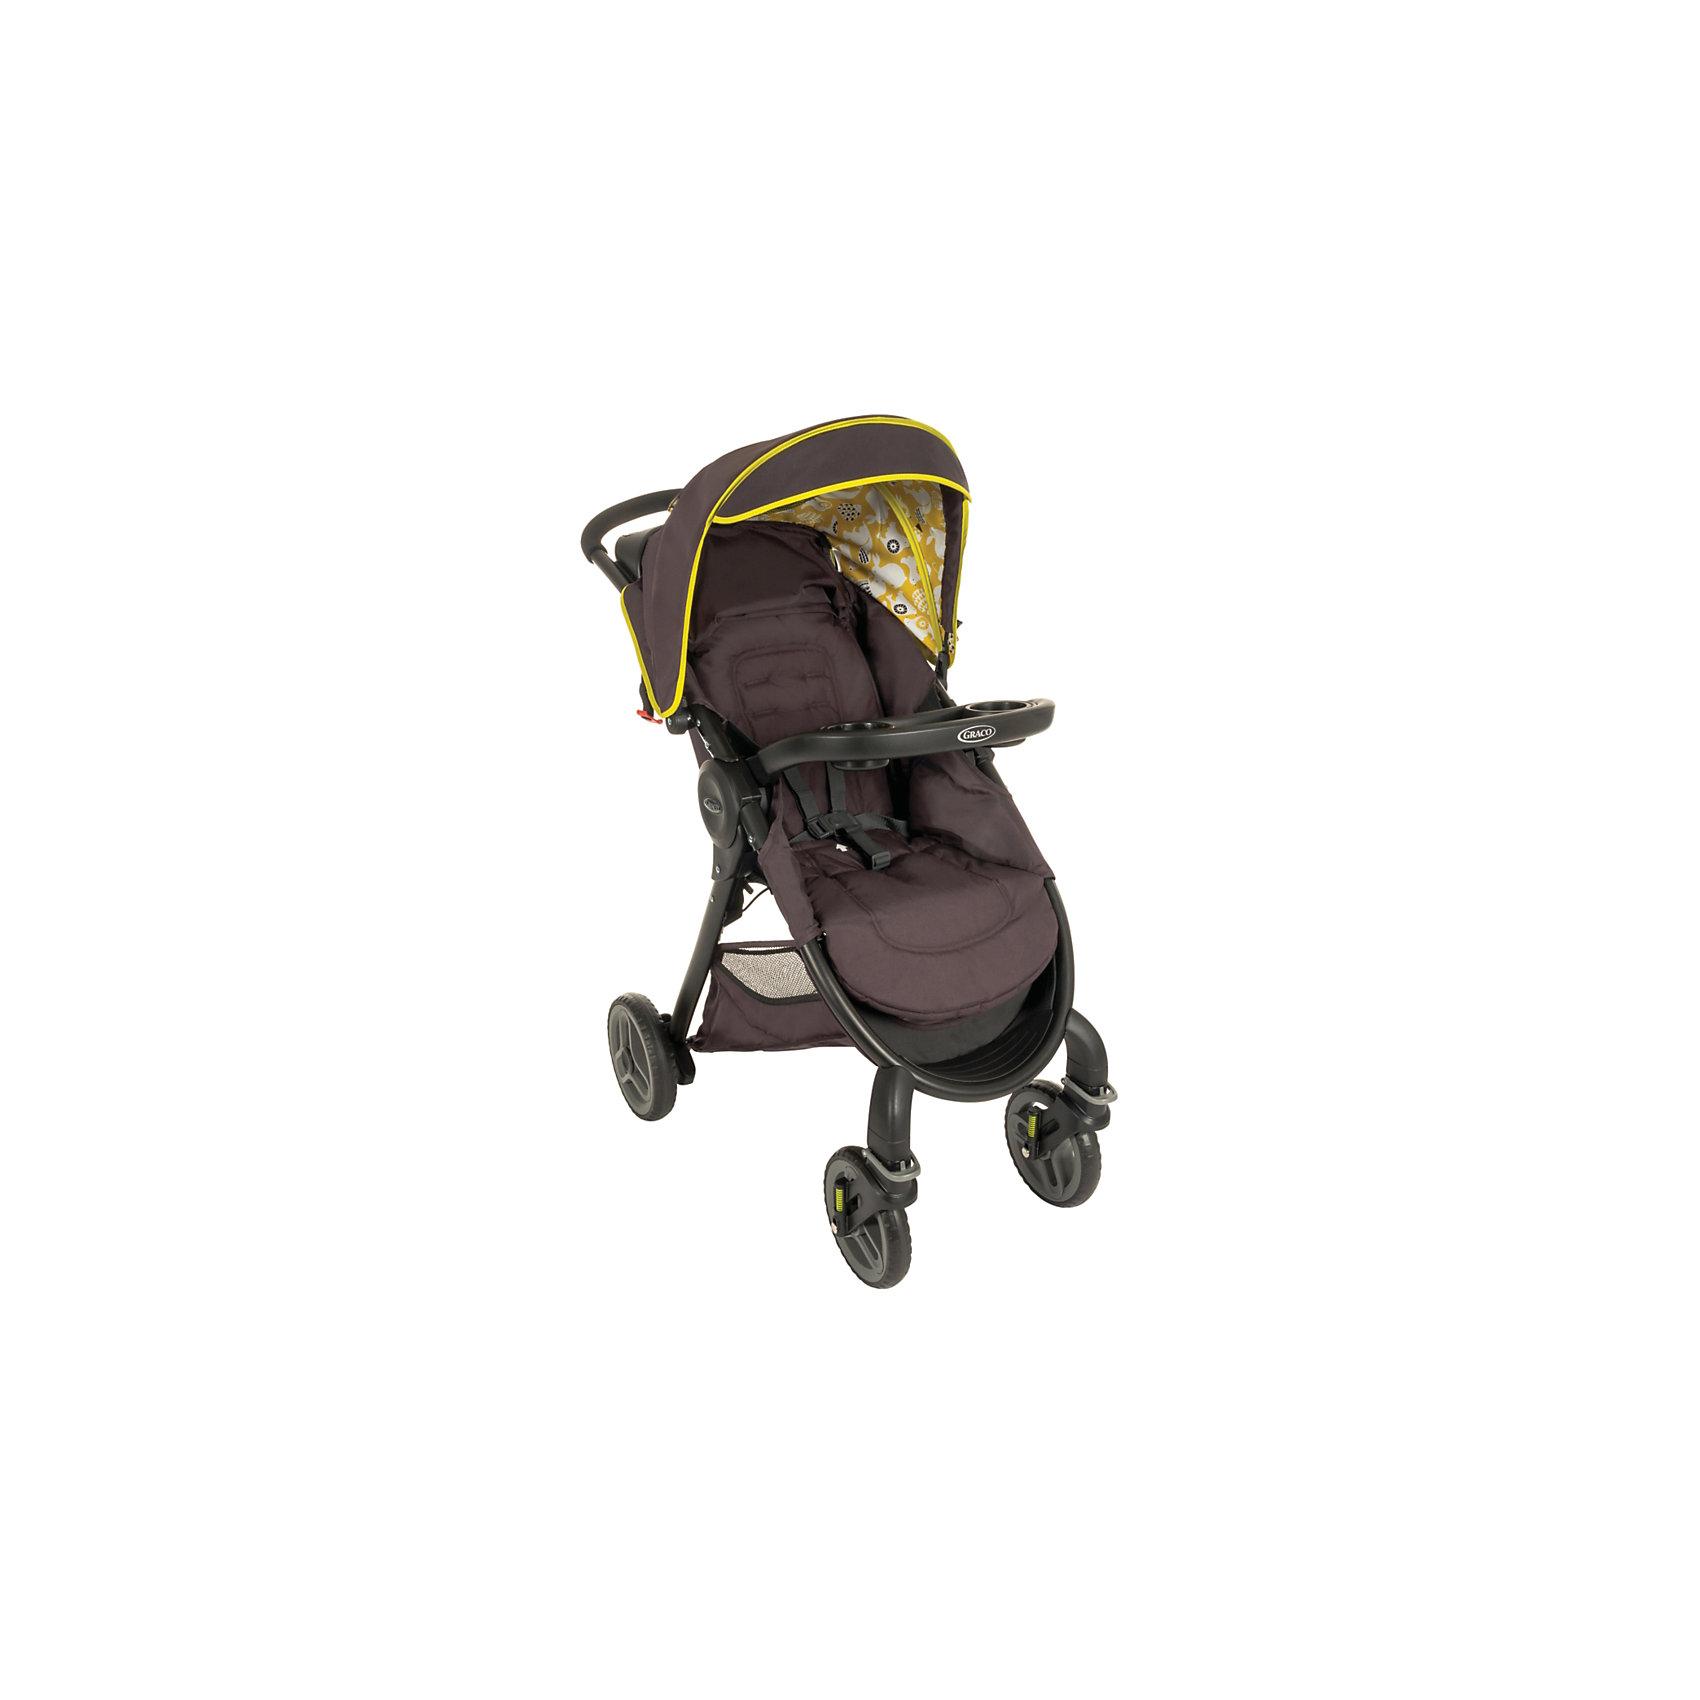 Прогулочная коляска Graco Fastaction Fold, коричневый